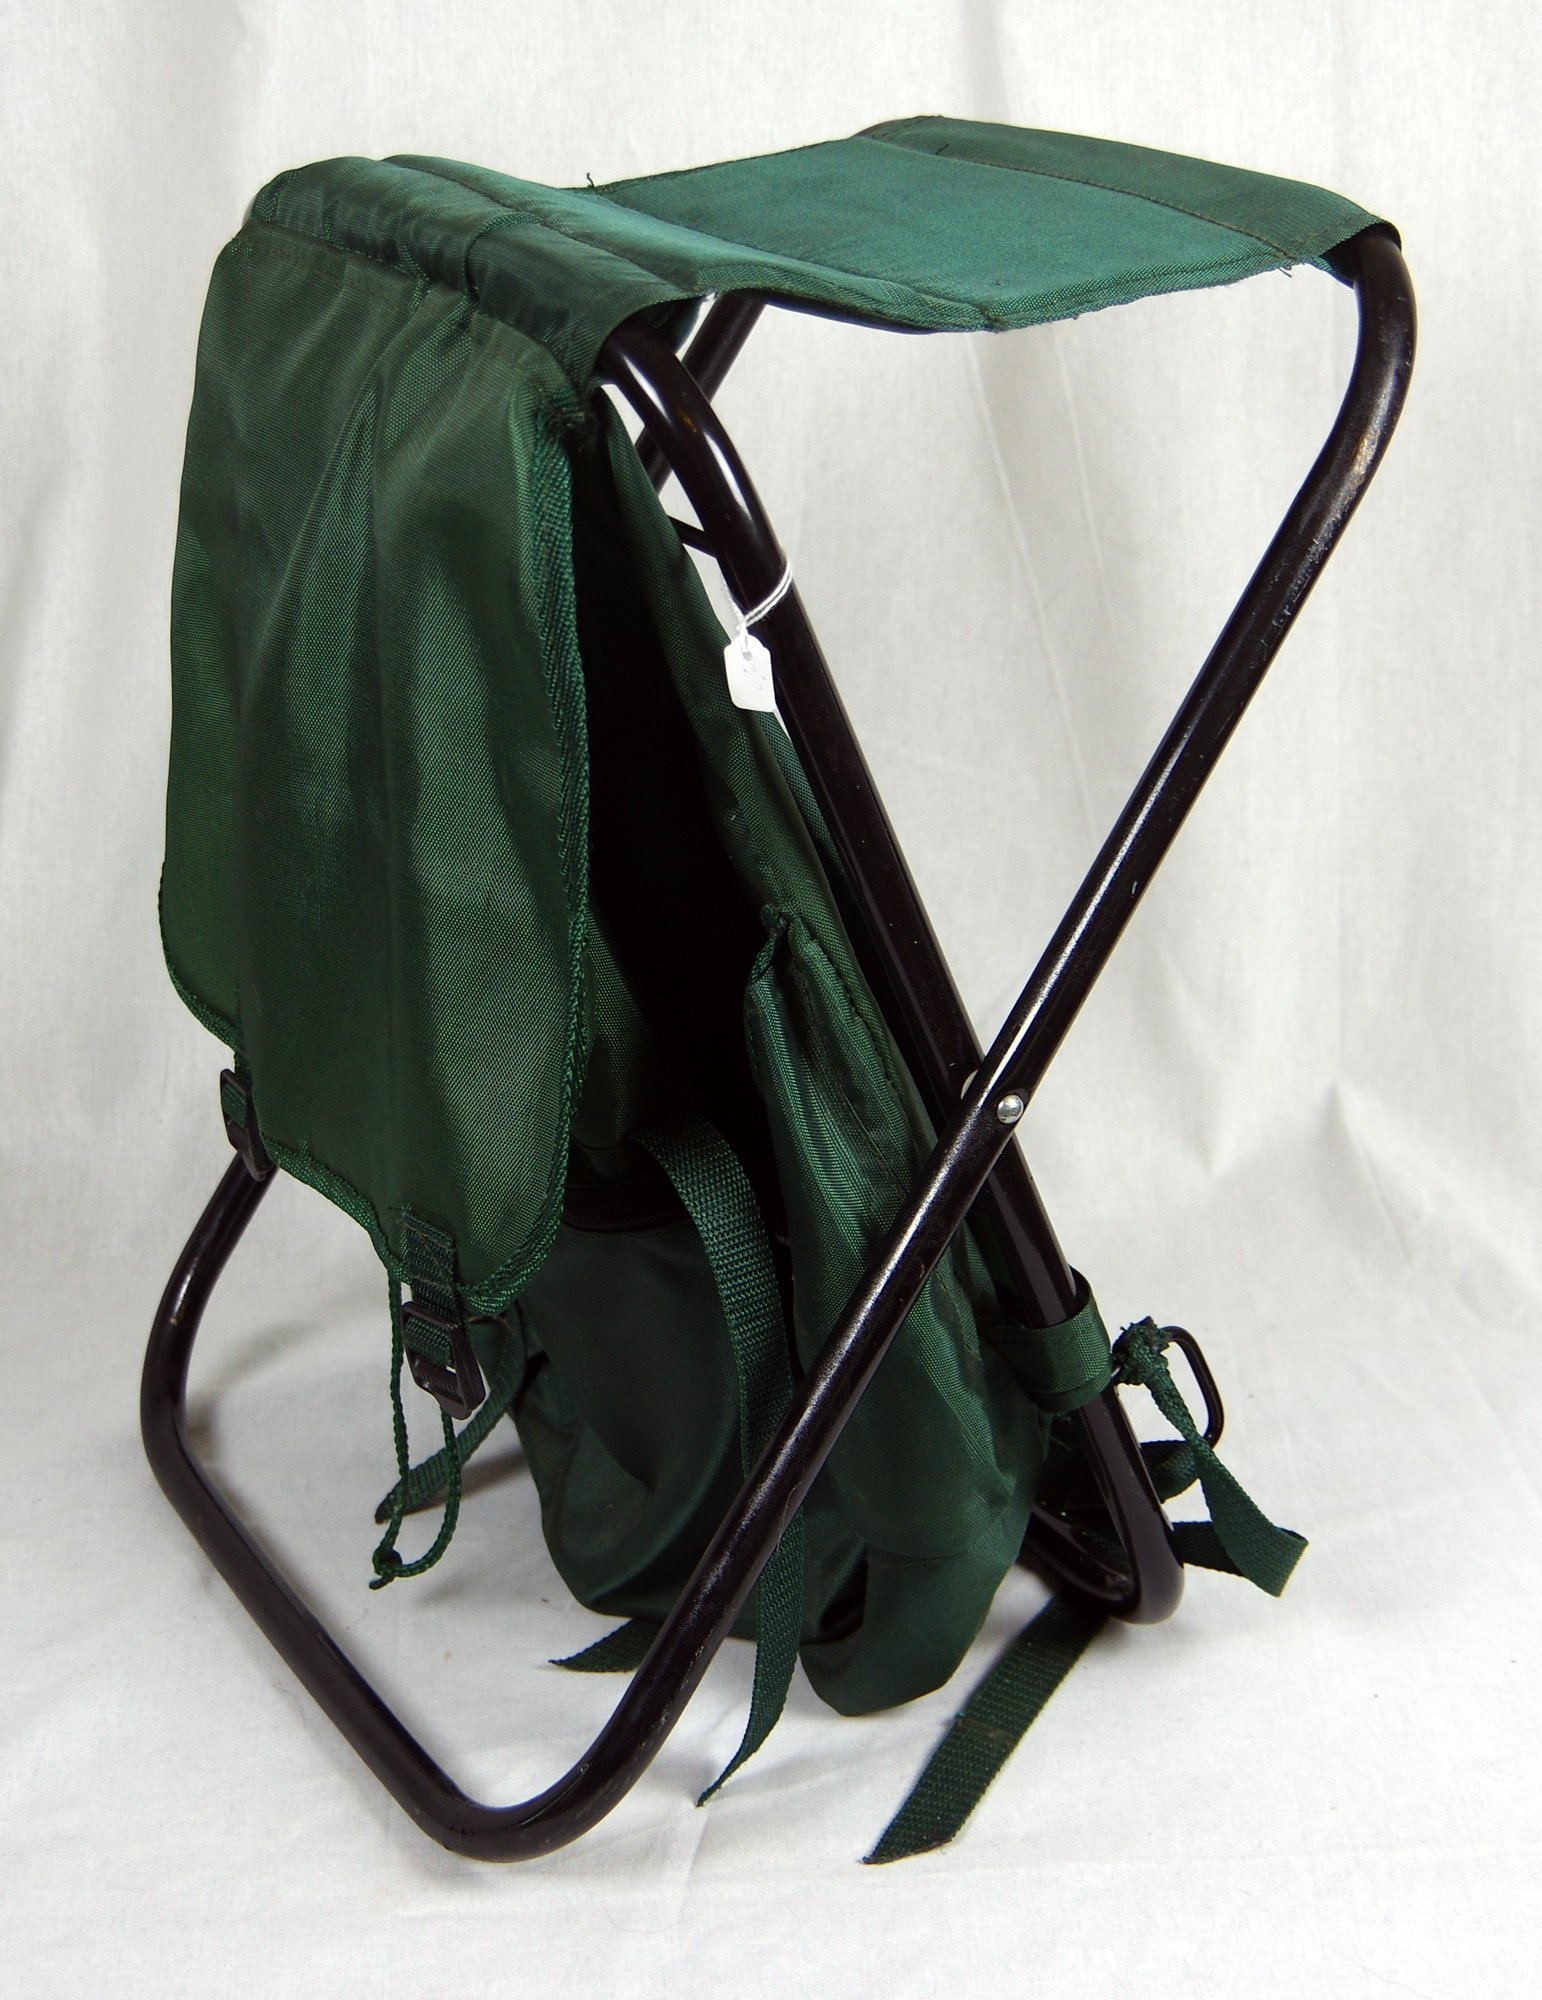 Ryggsäck med stol